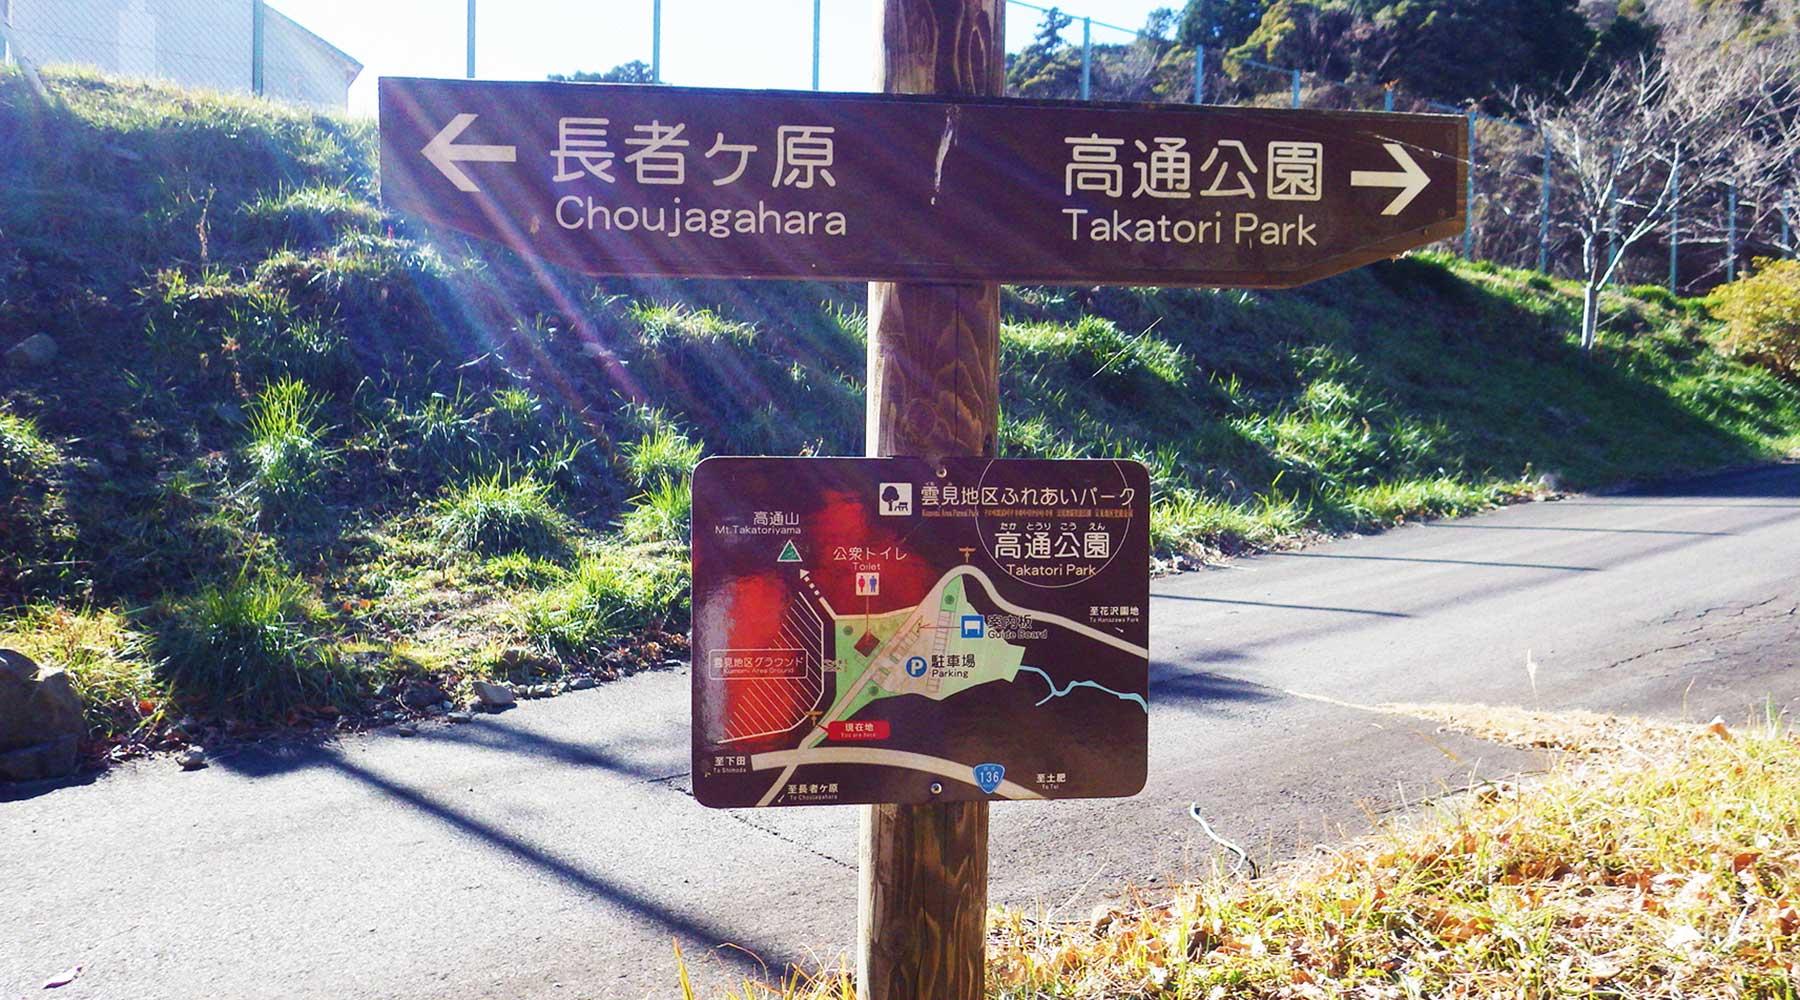 高通公園の入り口